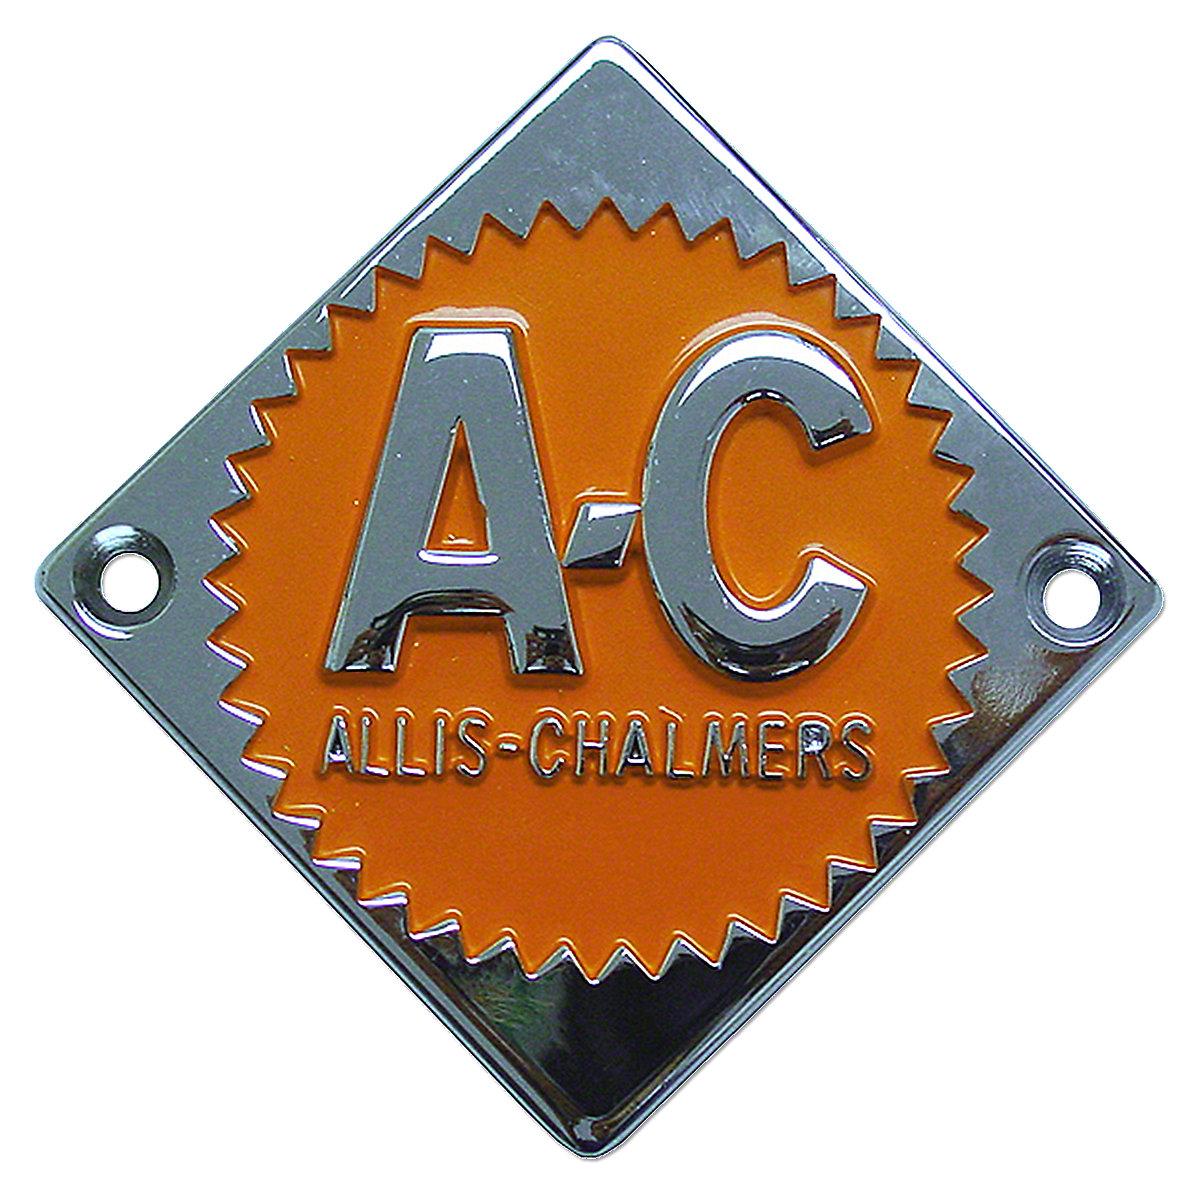 Front Nose Emblem For Allis Chalmers: D10, D12, D14, D17, I40, I400, I60.